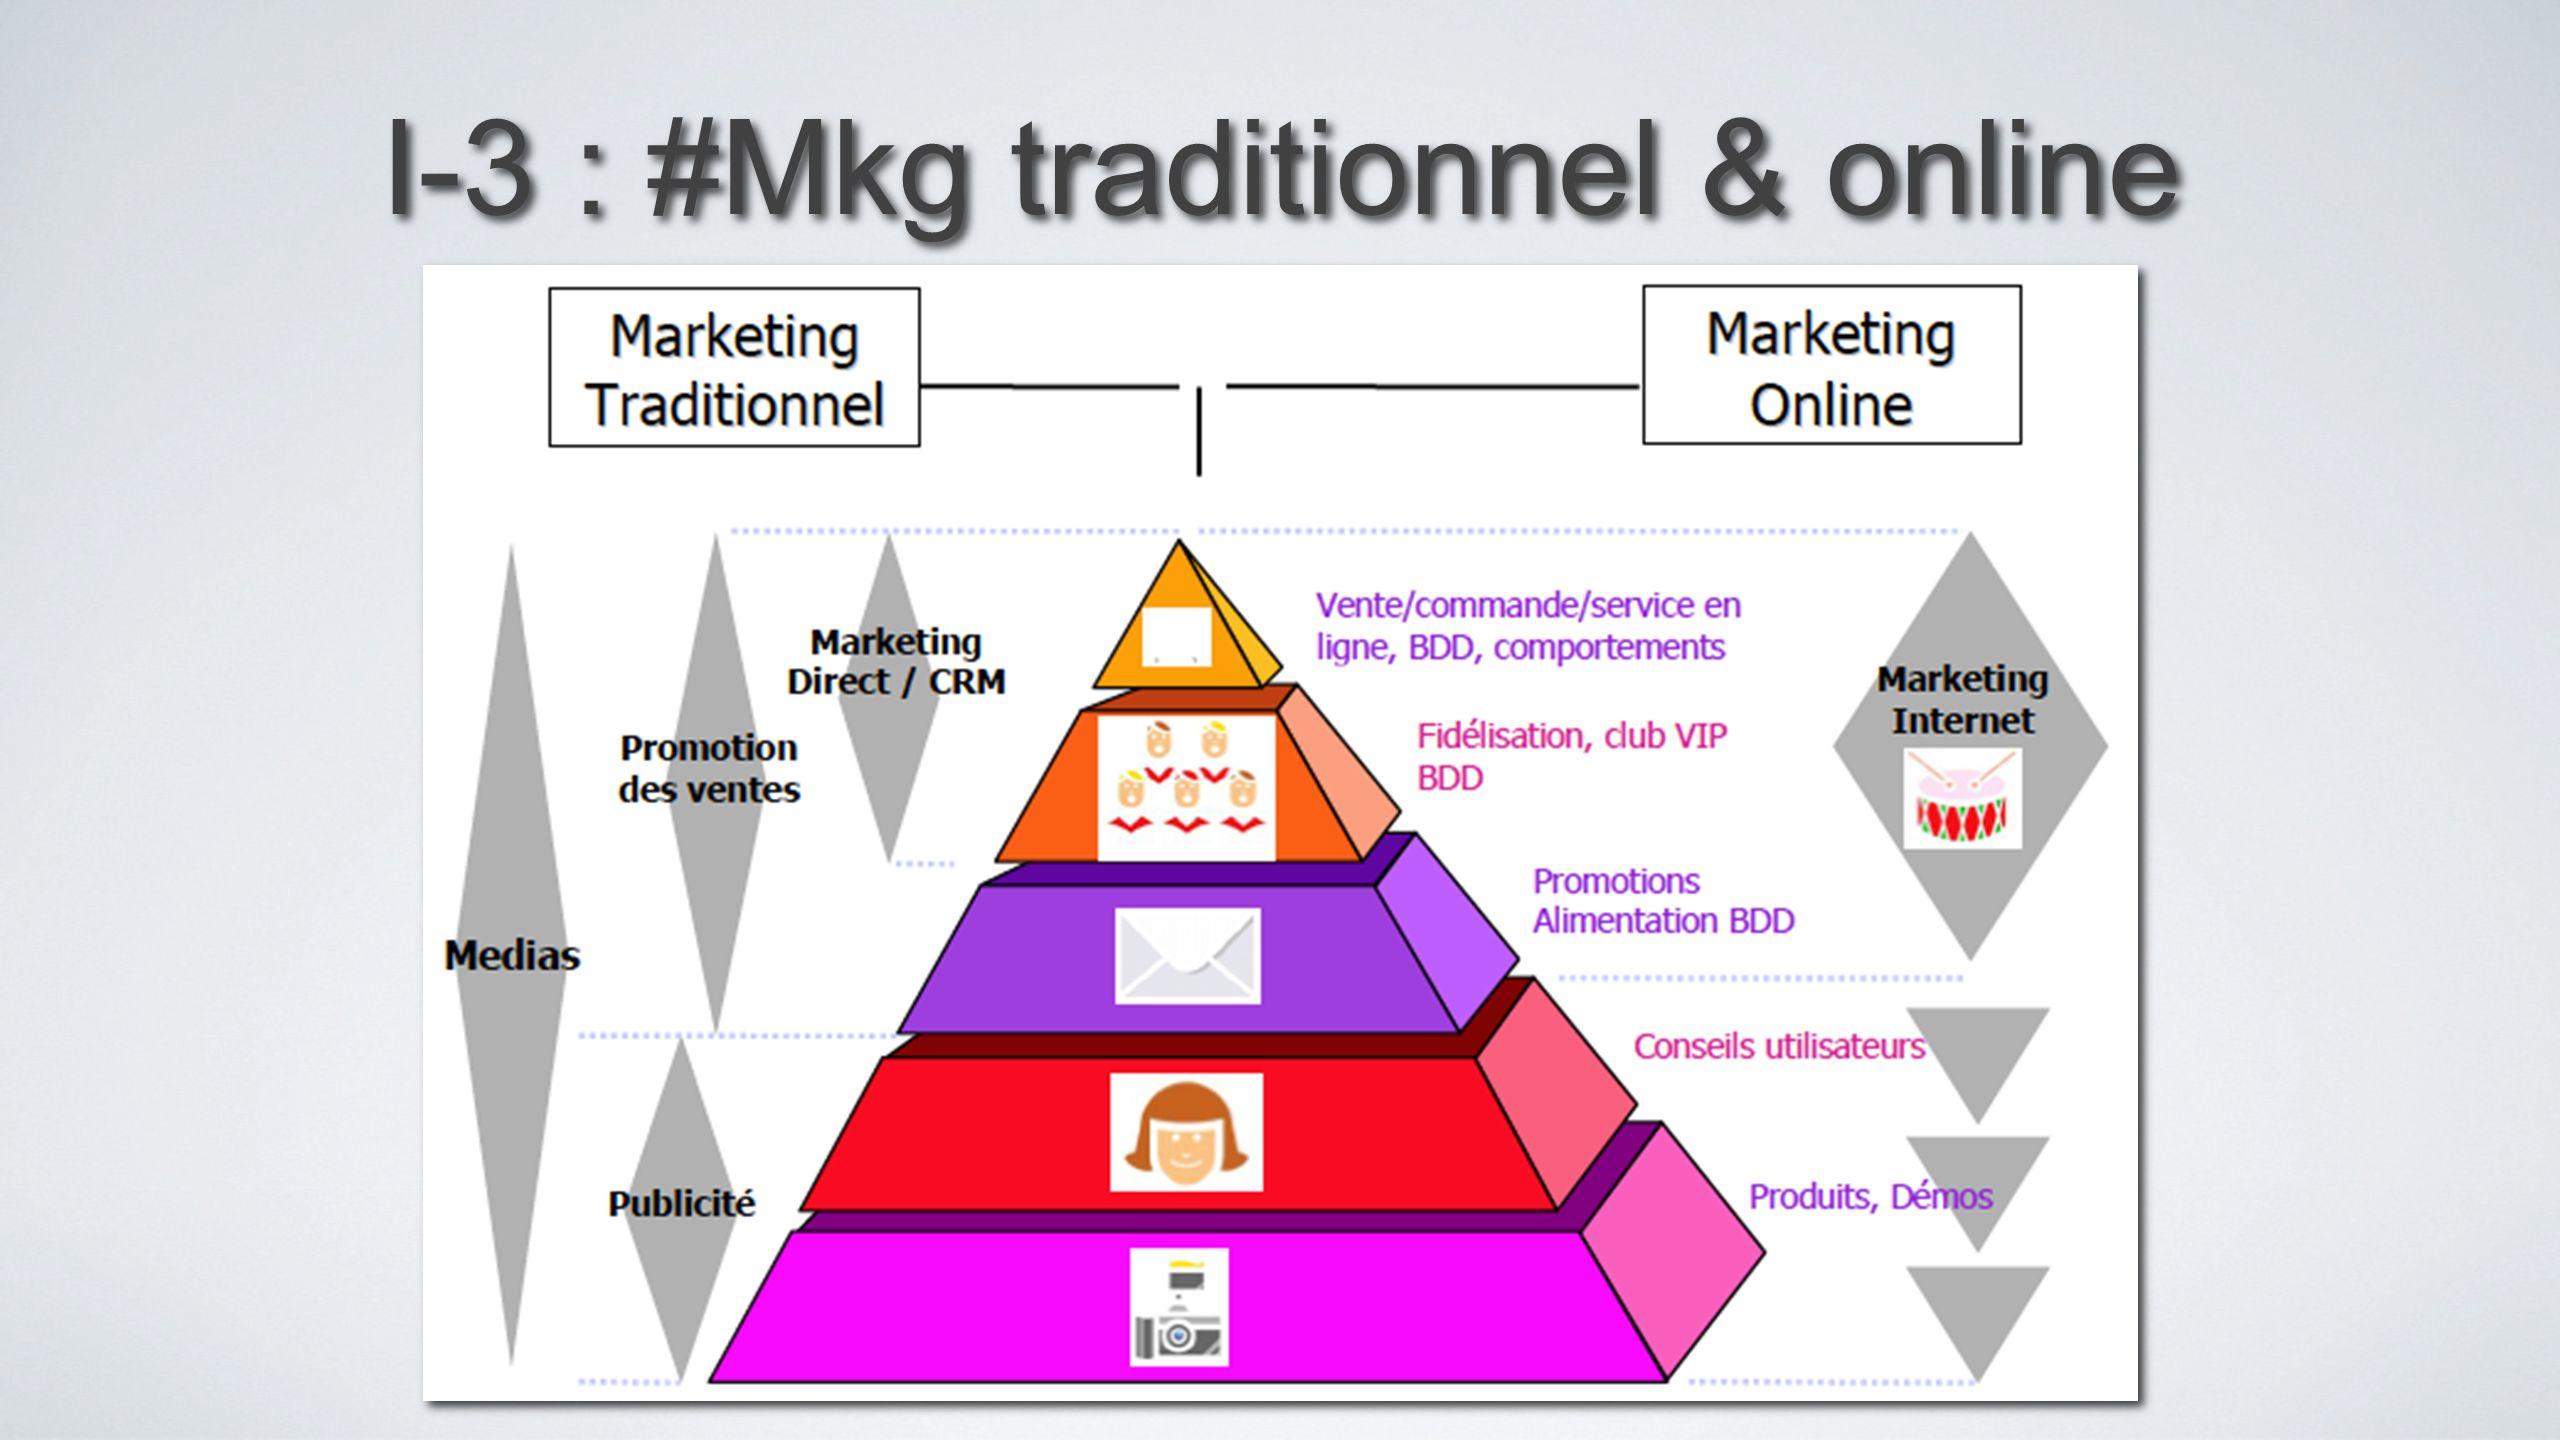 I-3 : #Mkg traditionnel & online